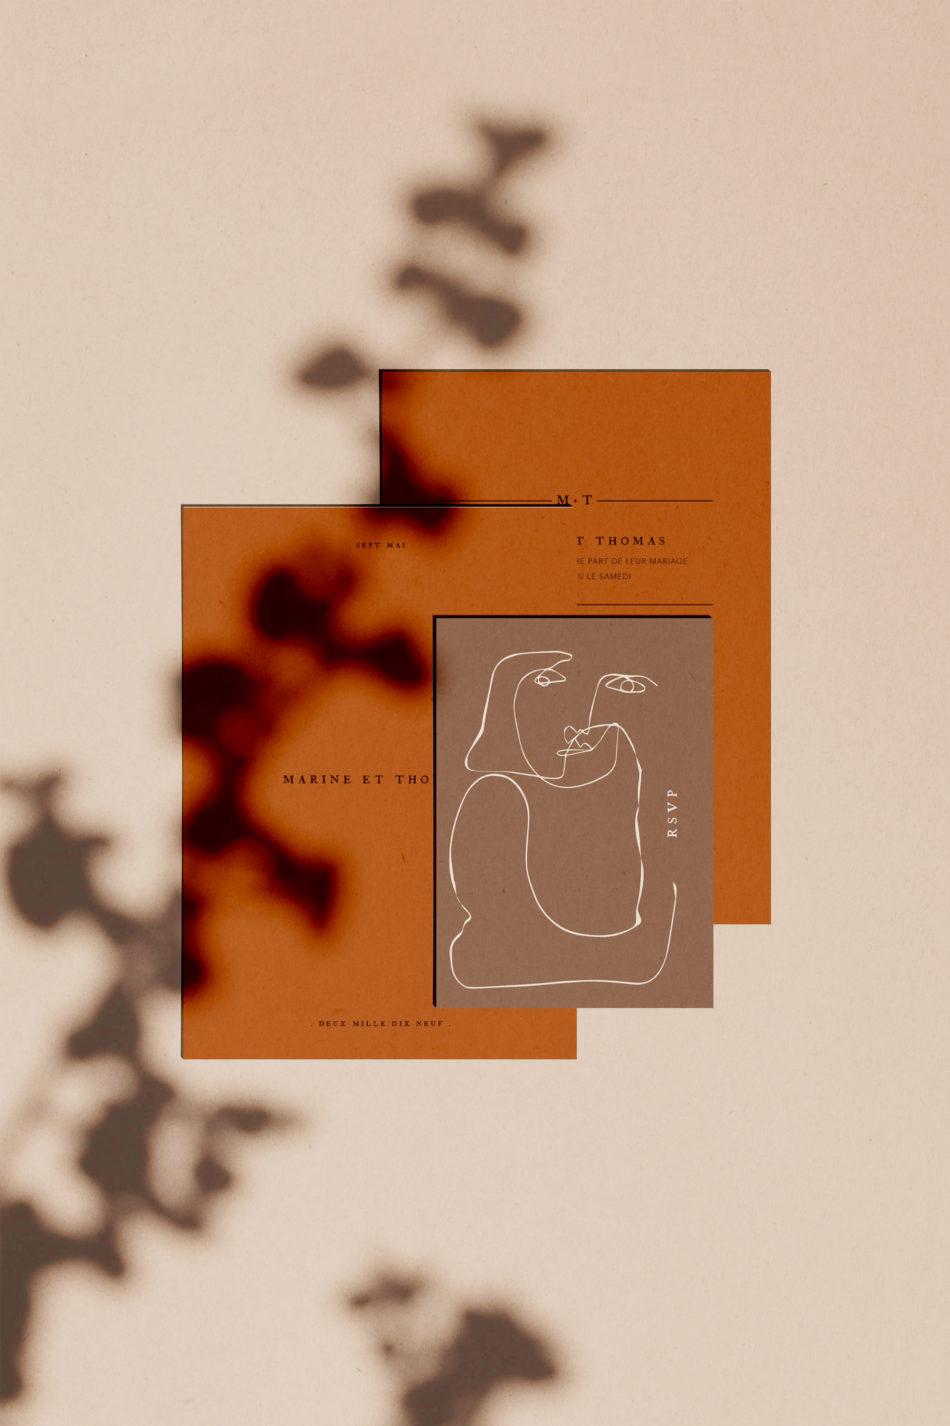 Collection Terracot, Faire-part mariage, carton RSVP, aux couleurs Terracotta et chaudes